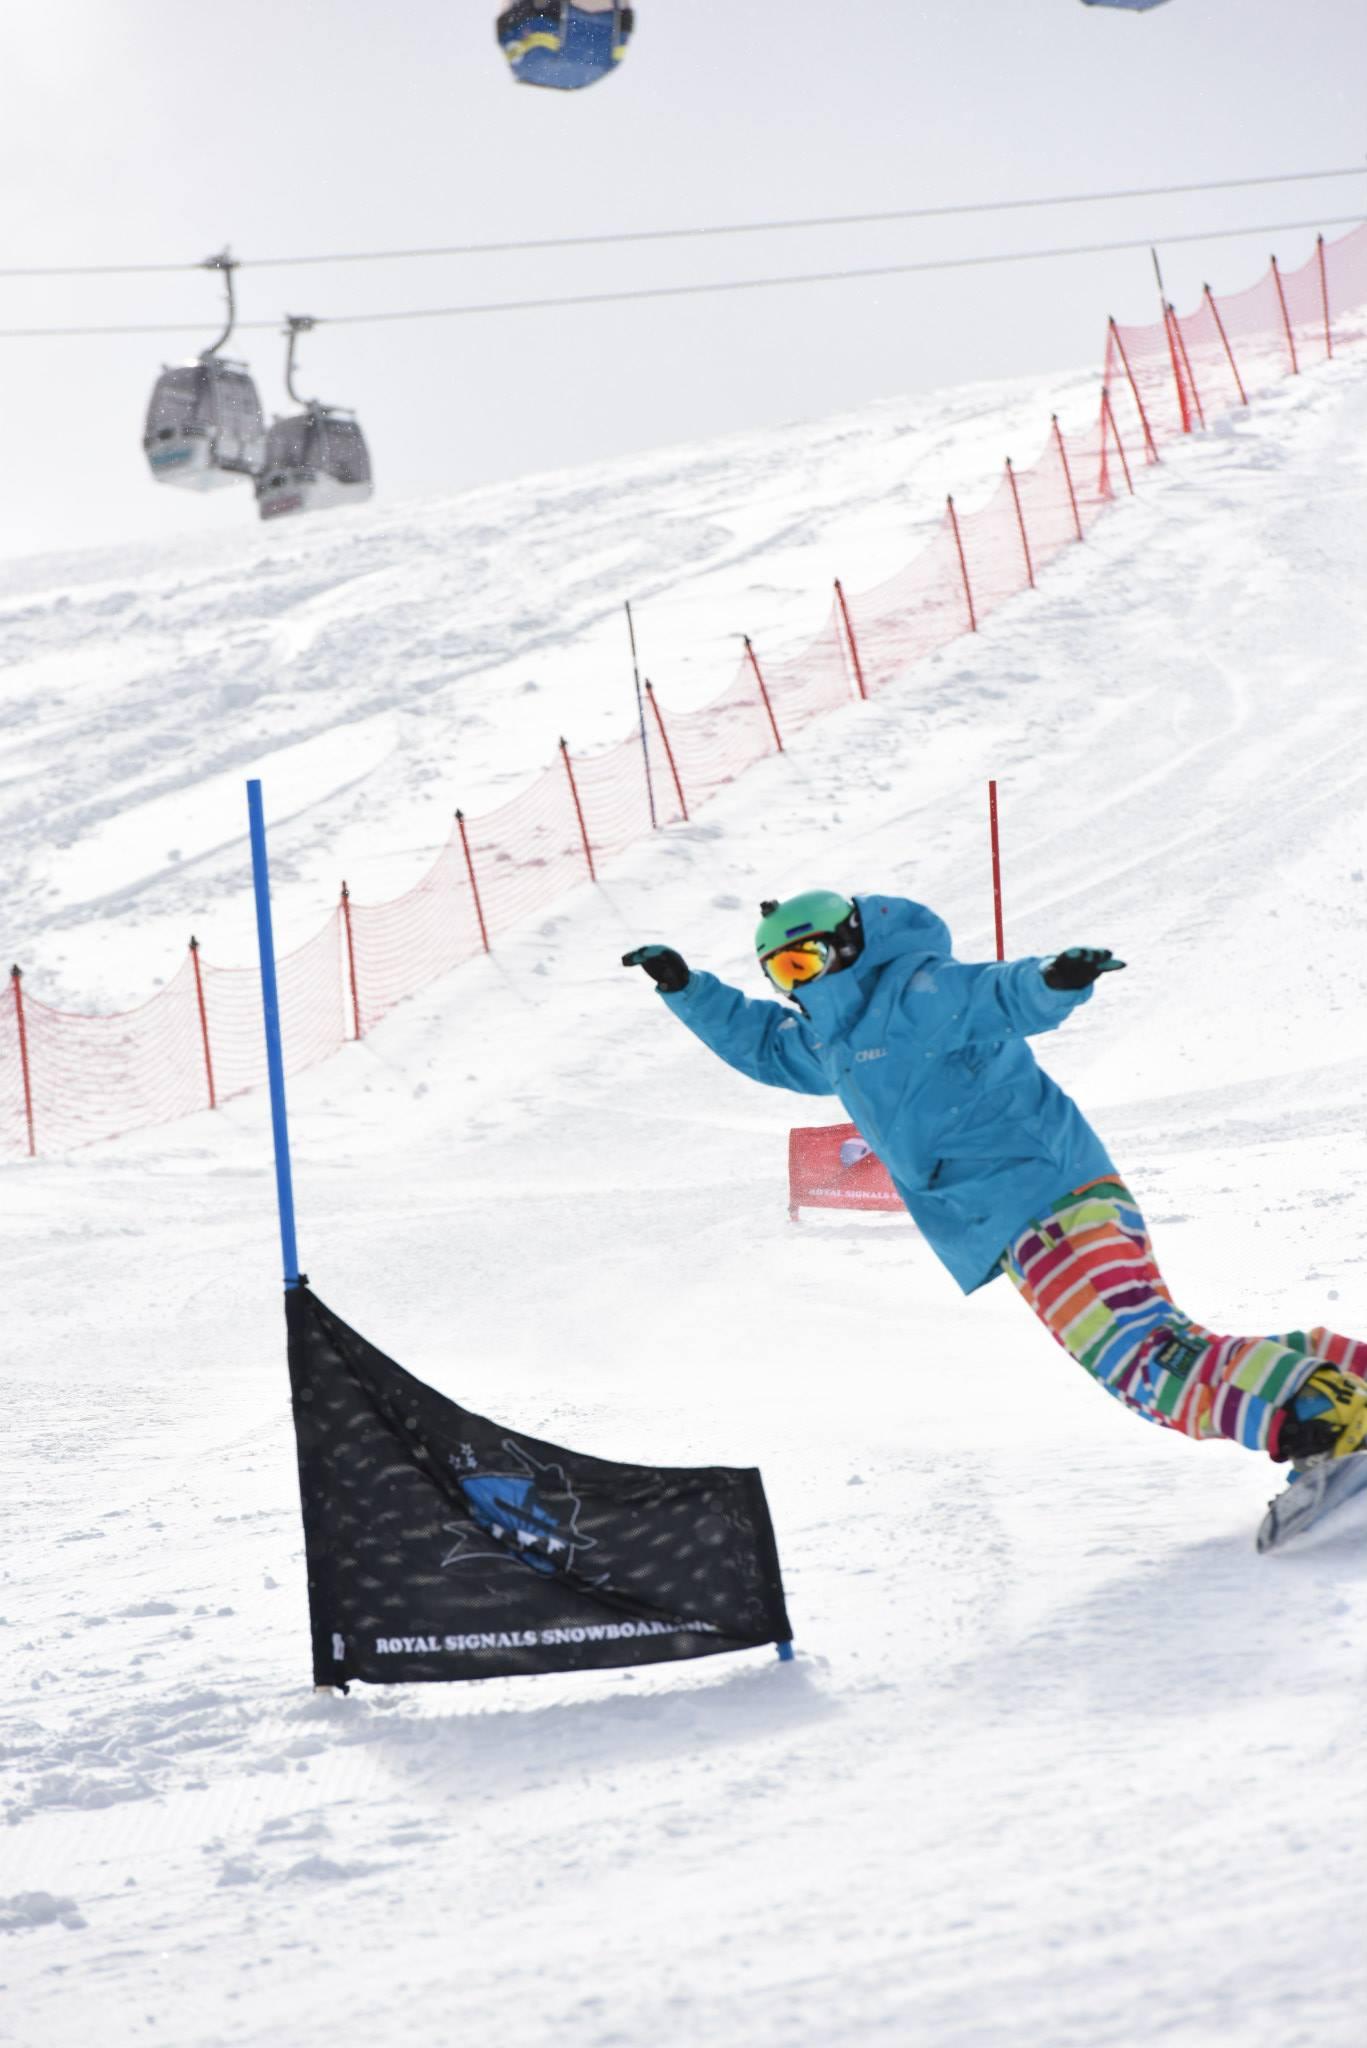 Wintersport voor bedrijven: bedrijfsuitje in de sneeuw!